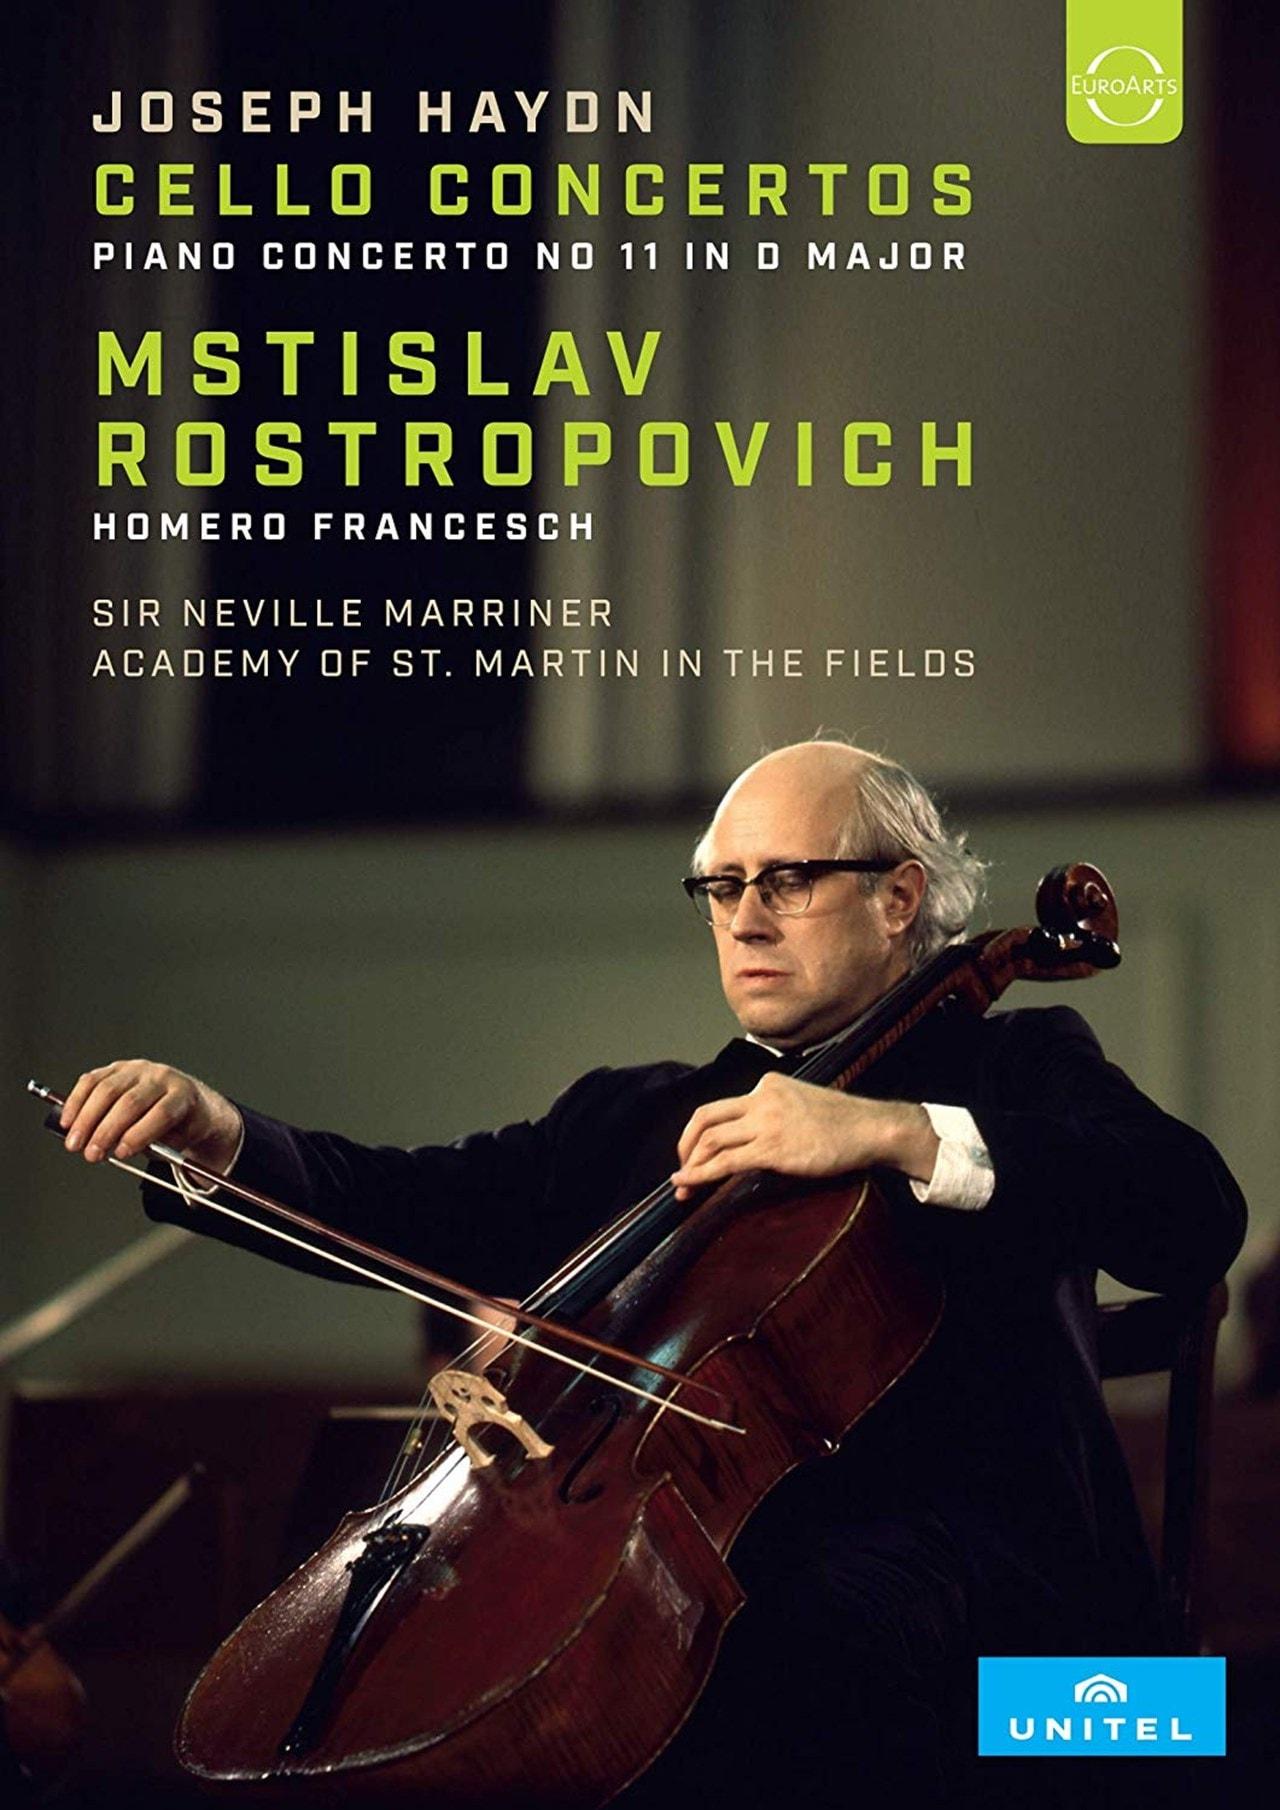 Rostropovich: Rostropovich Plays Haydn Cello Concertos - 1